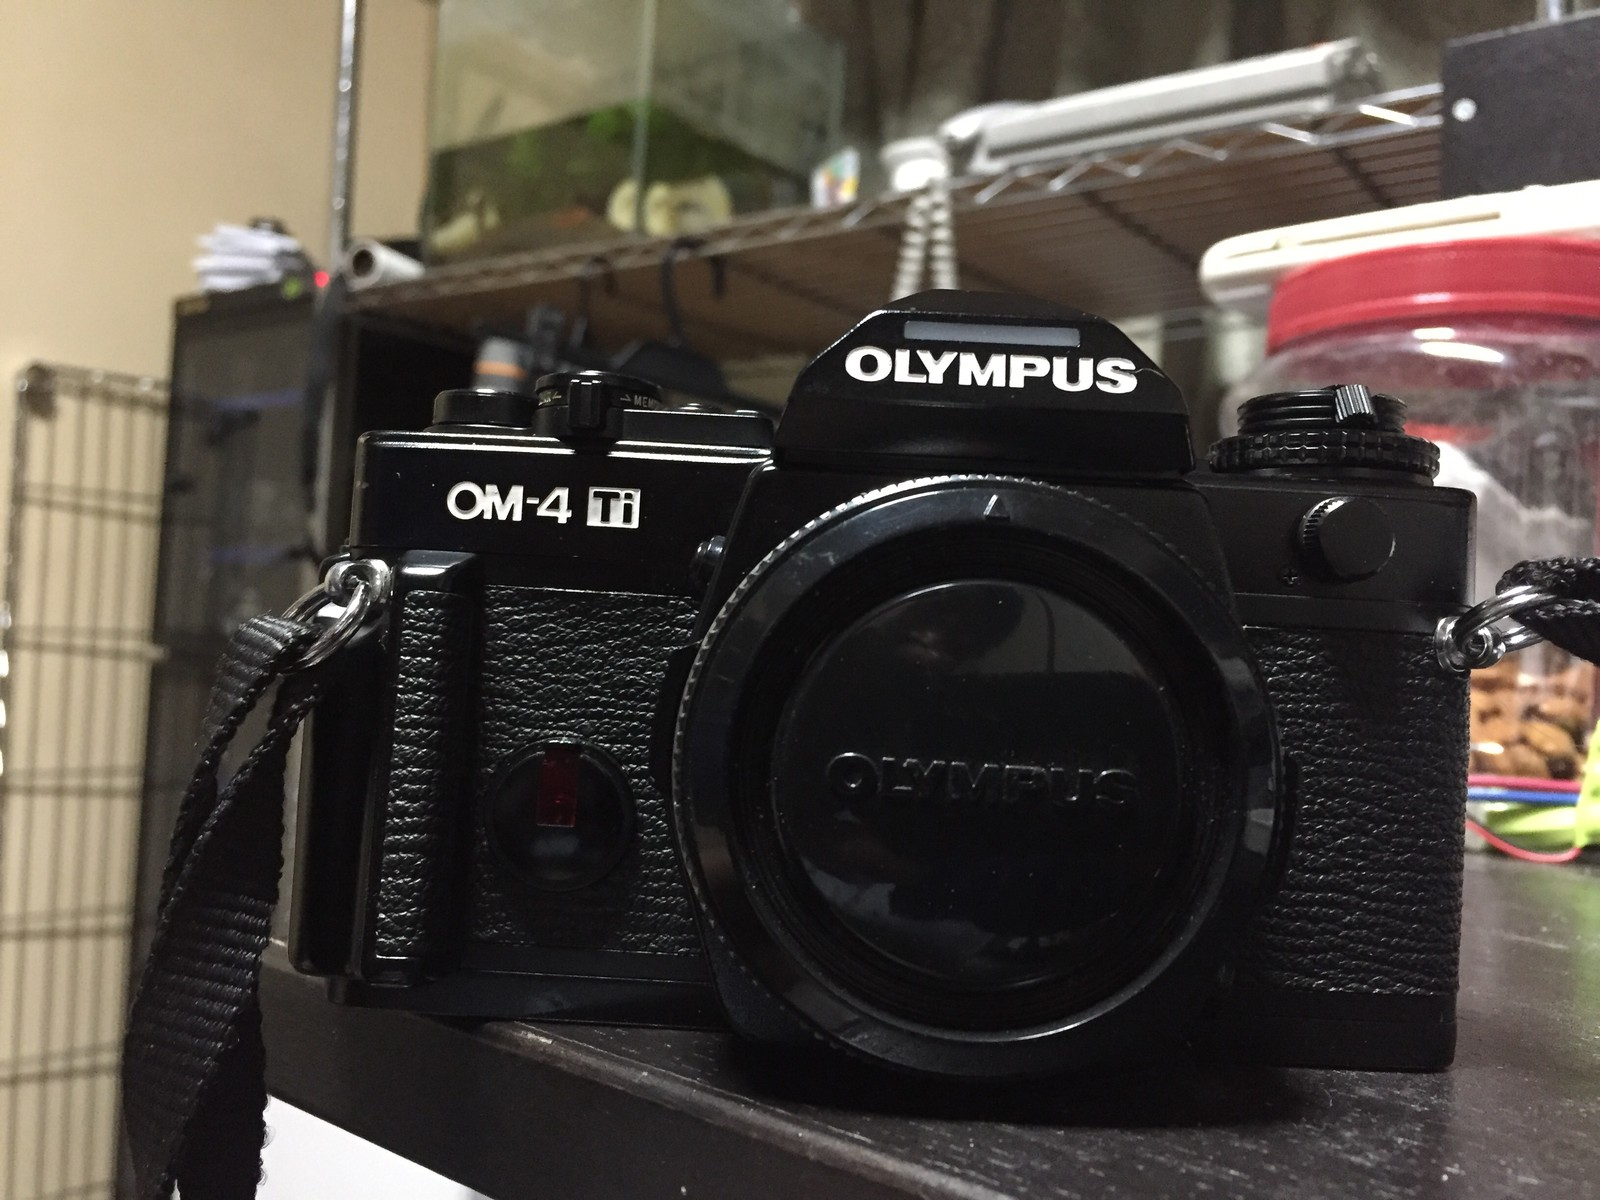 KüHn Olympus Om4 Analogkameras